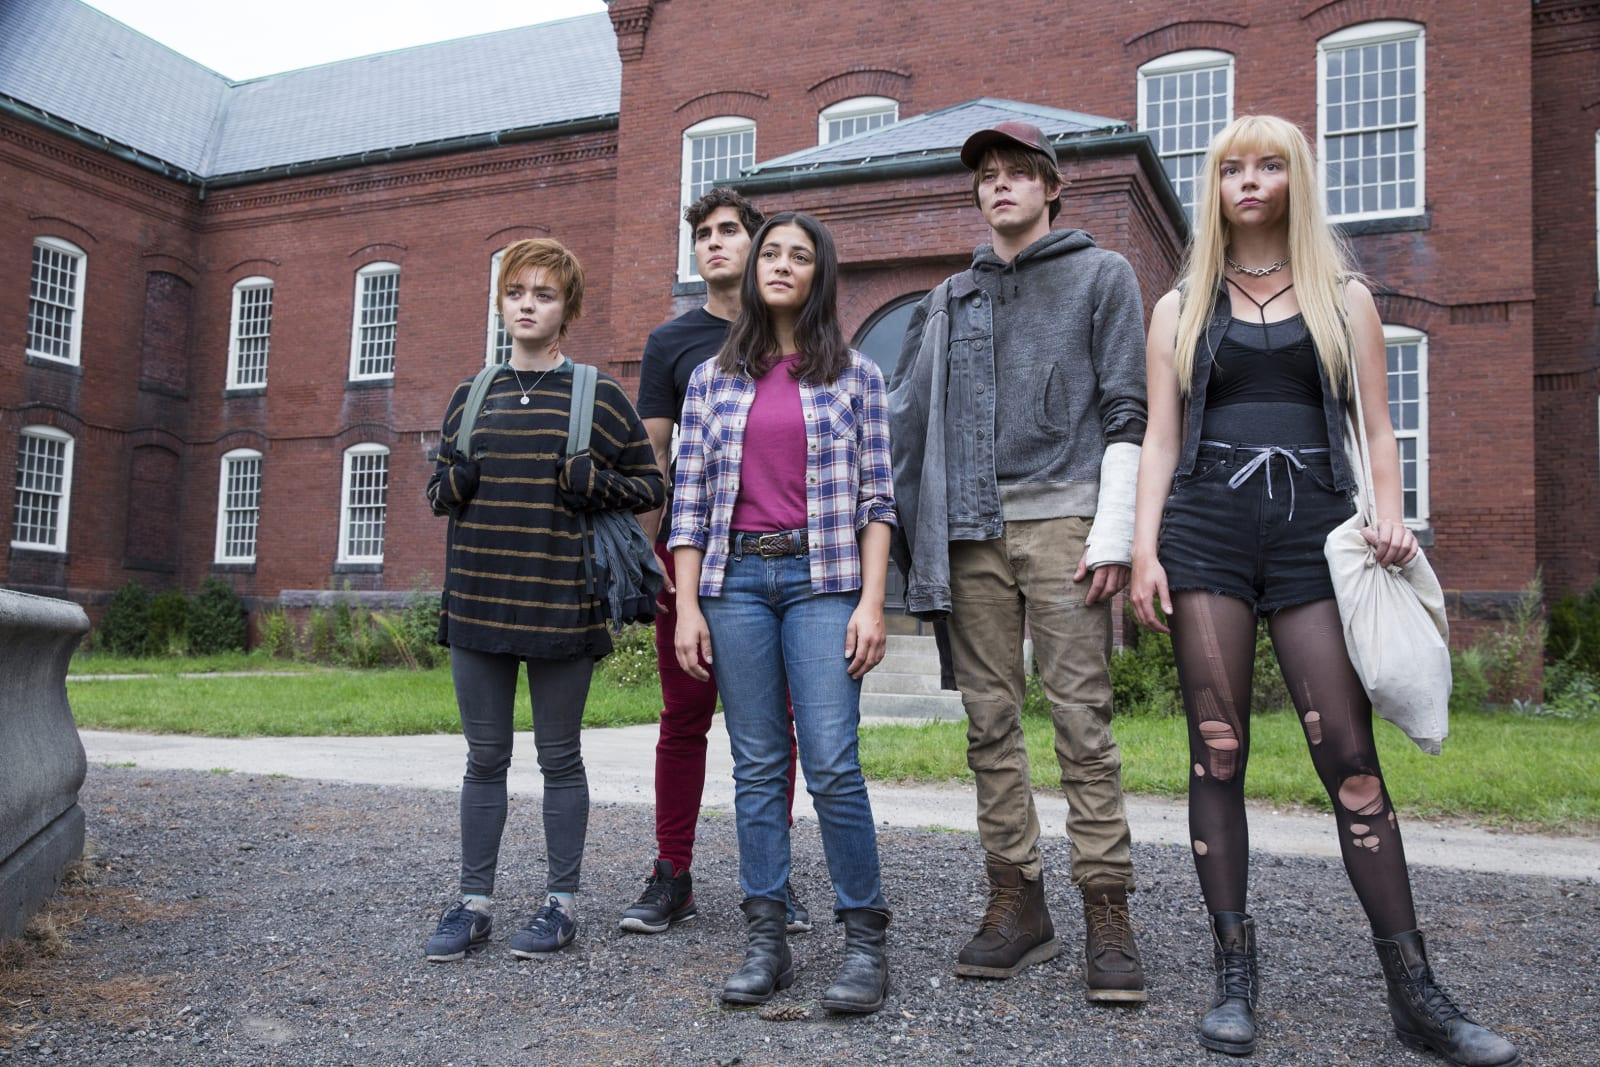 New Mutants, The New Mutants